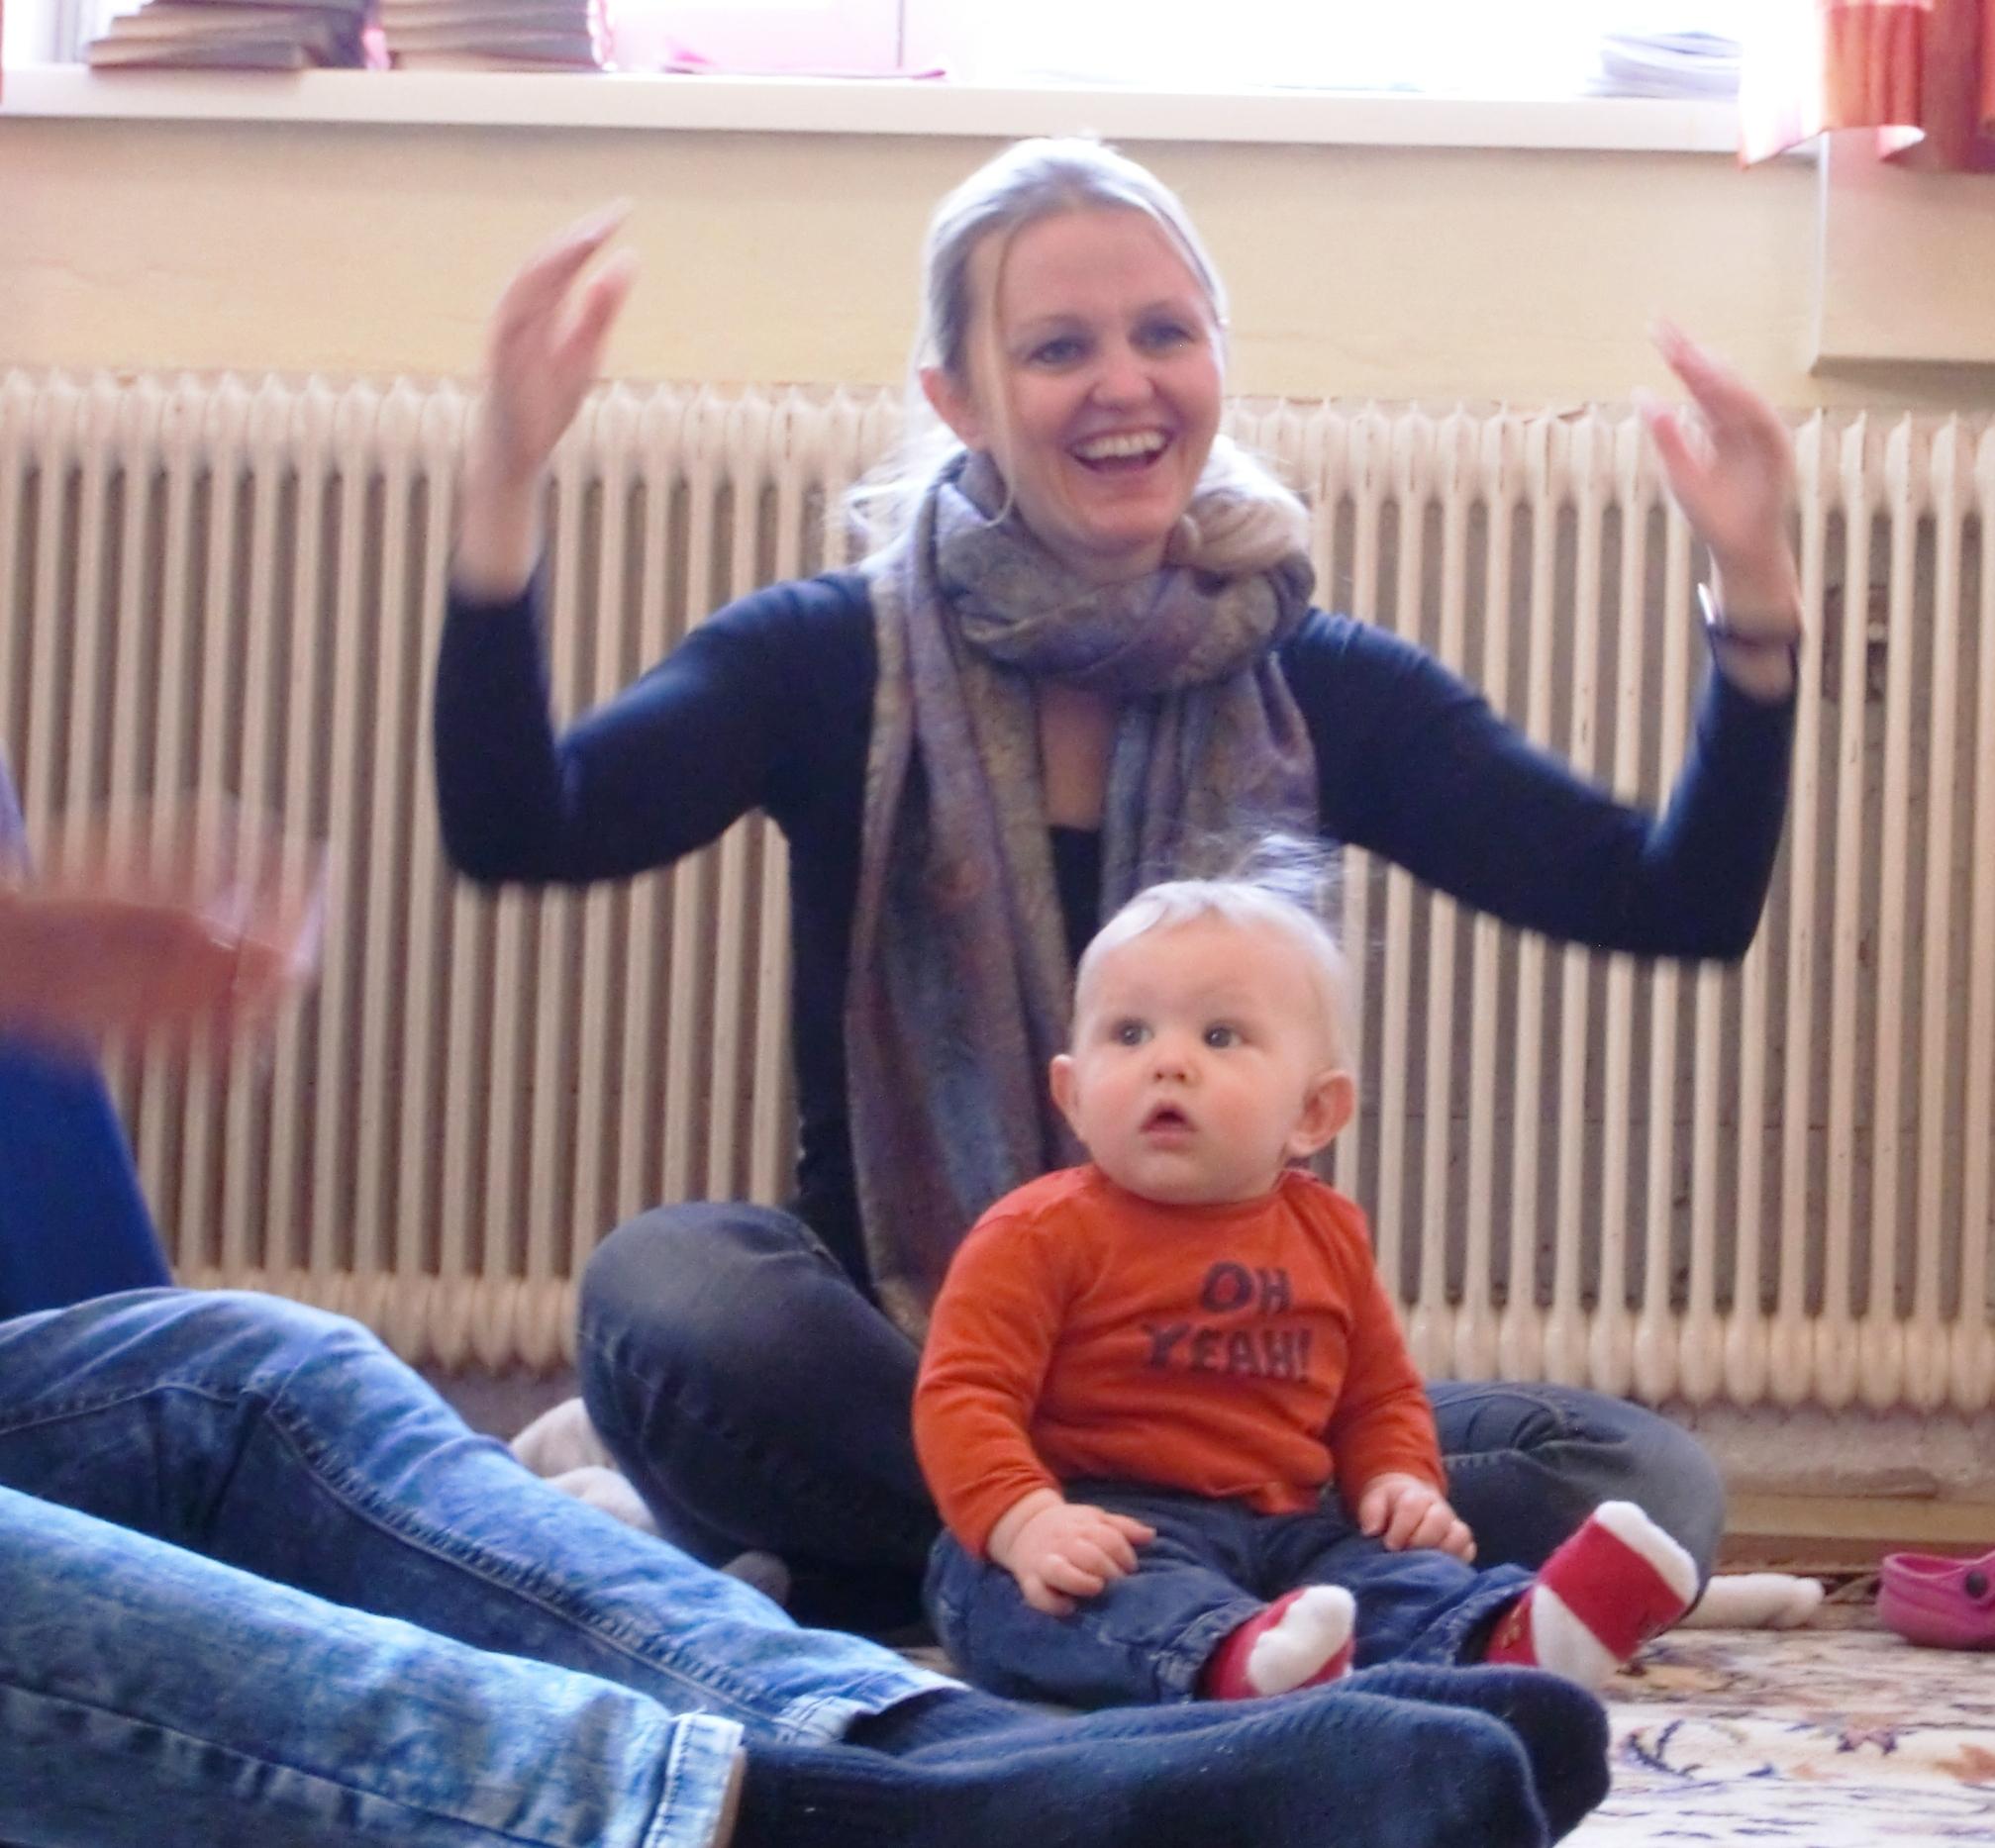 Neu RELKI (Religiöse ElternKind-Runde) am Montag Vormittag!